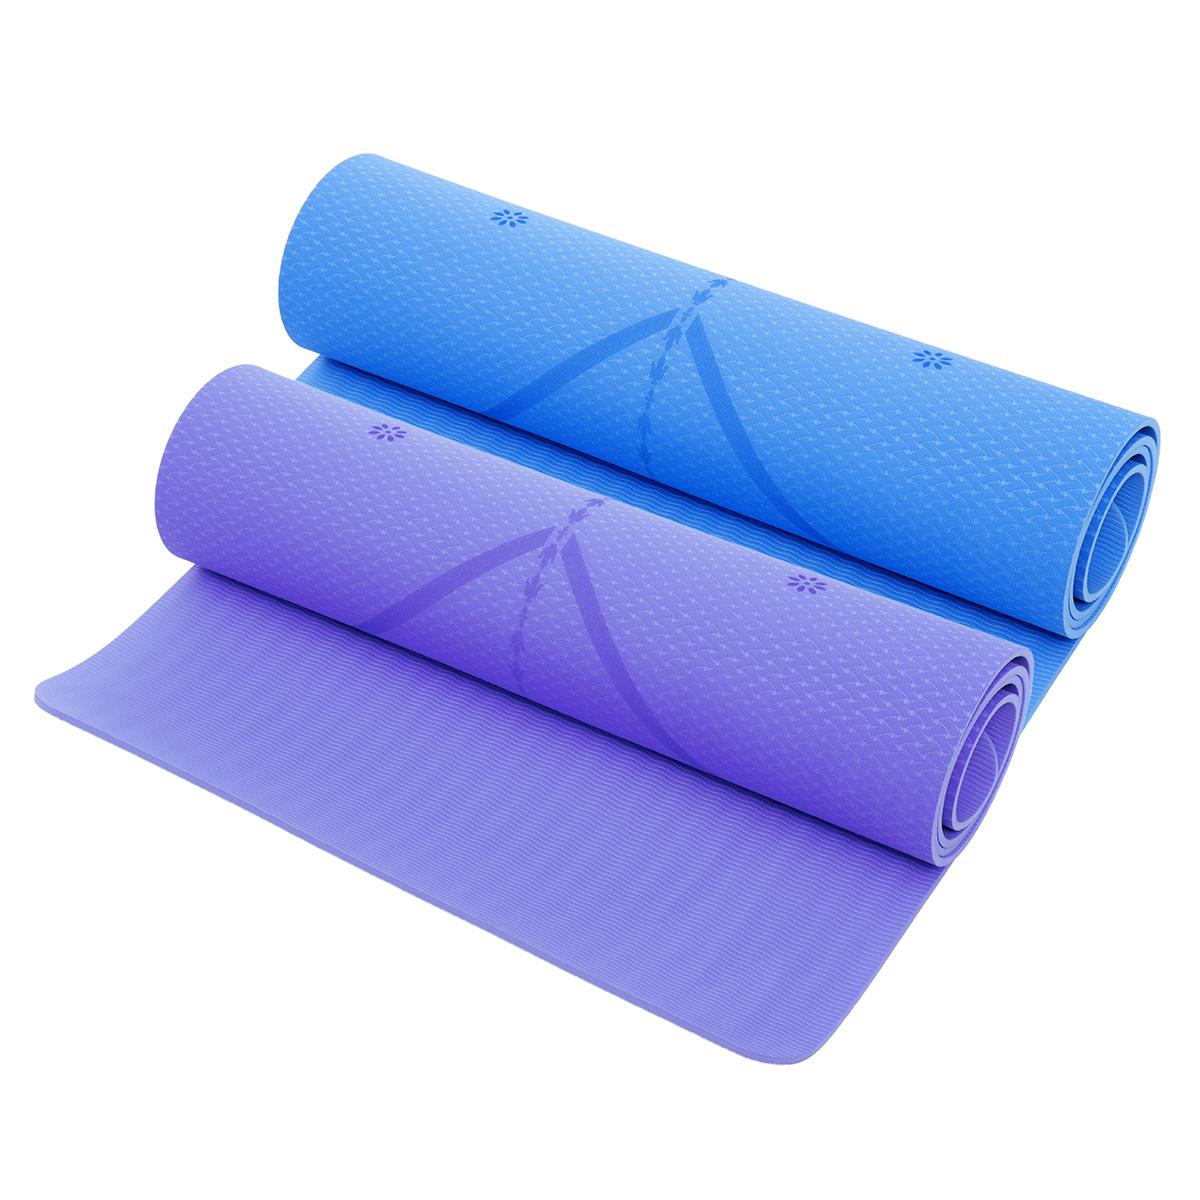 TPE Large Yoga Mat Exercise Fitness Gymnastics &